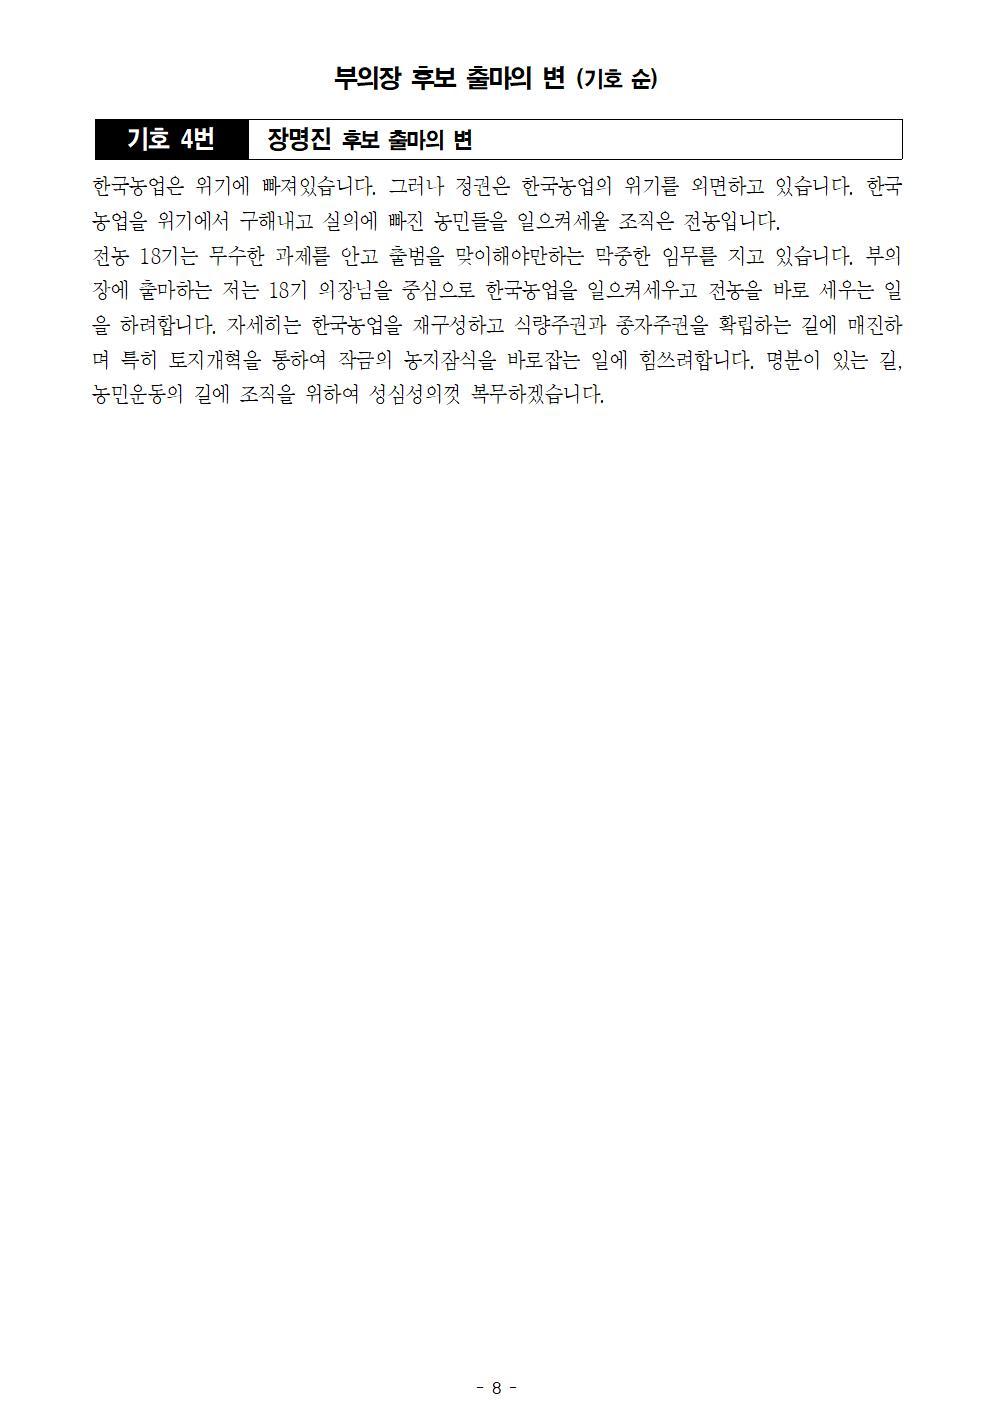 200203_18기_임원선거_선거공보008.jpg